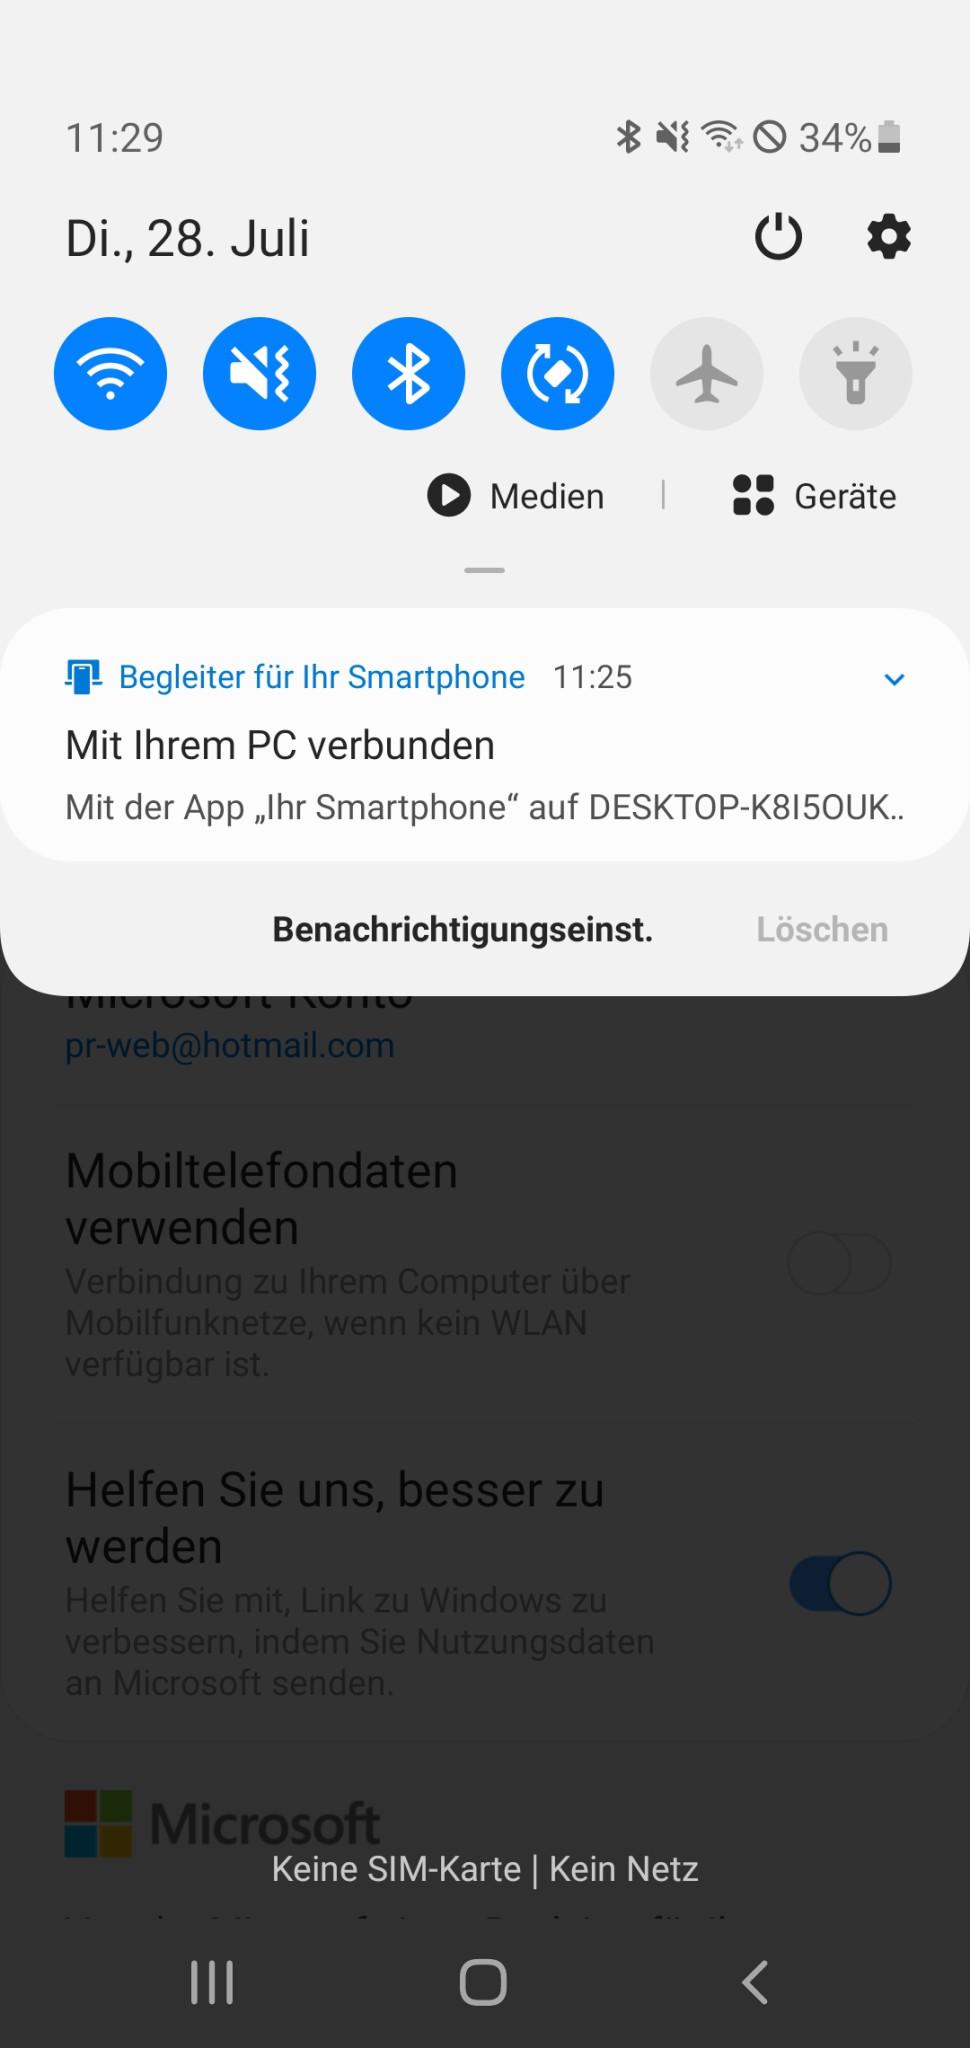 Screenshot 1 - Begleiter für Ihr Smartphone: Link zu Windows (Android-App)